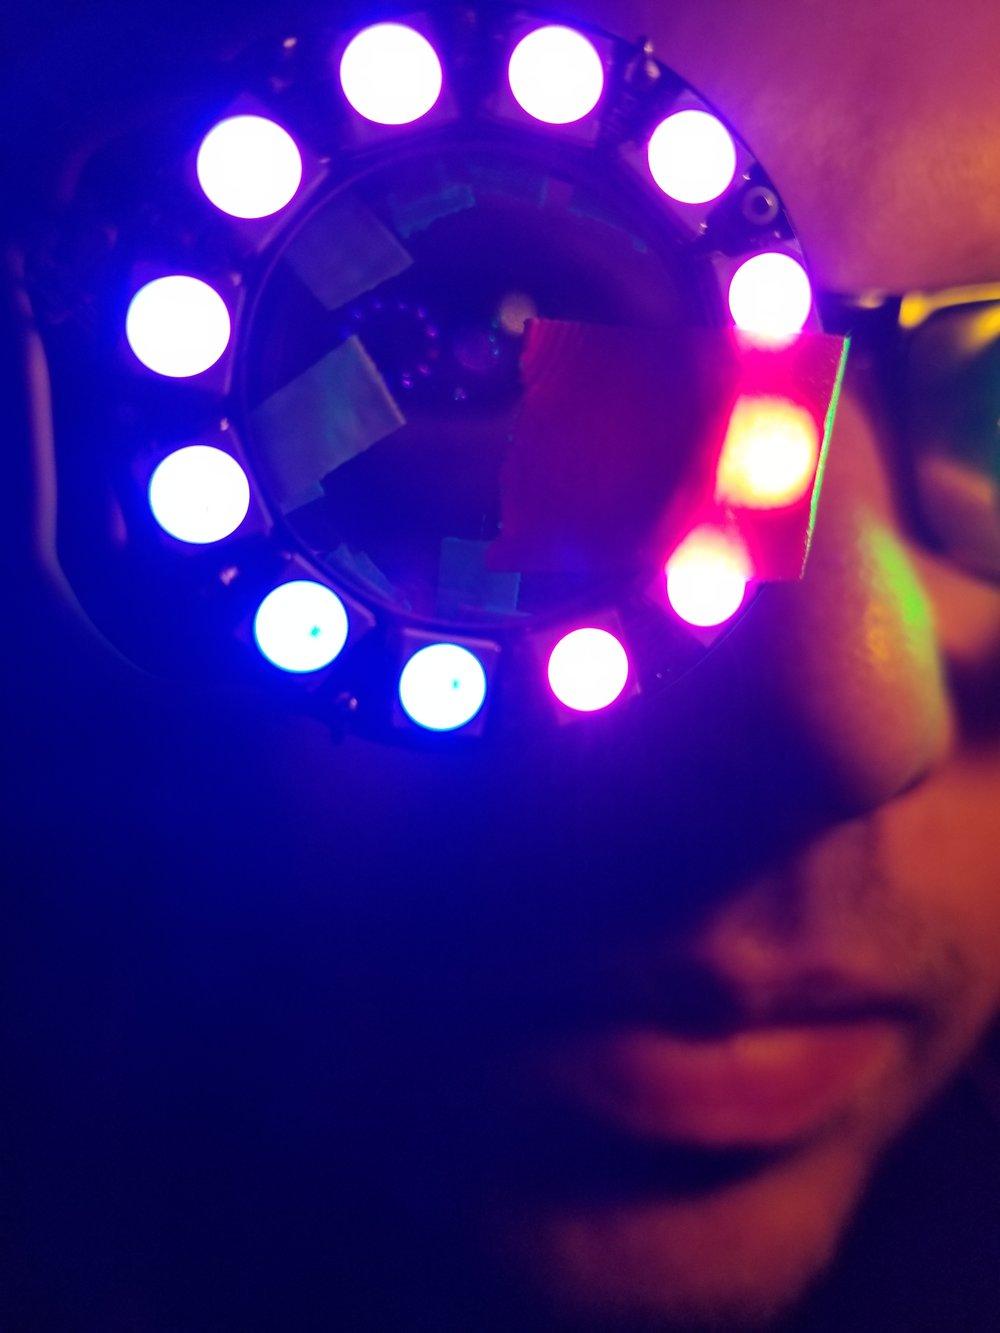 0_selfie-Lights (56).jpg